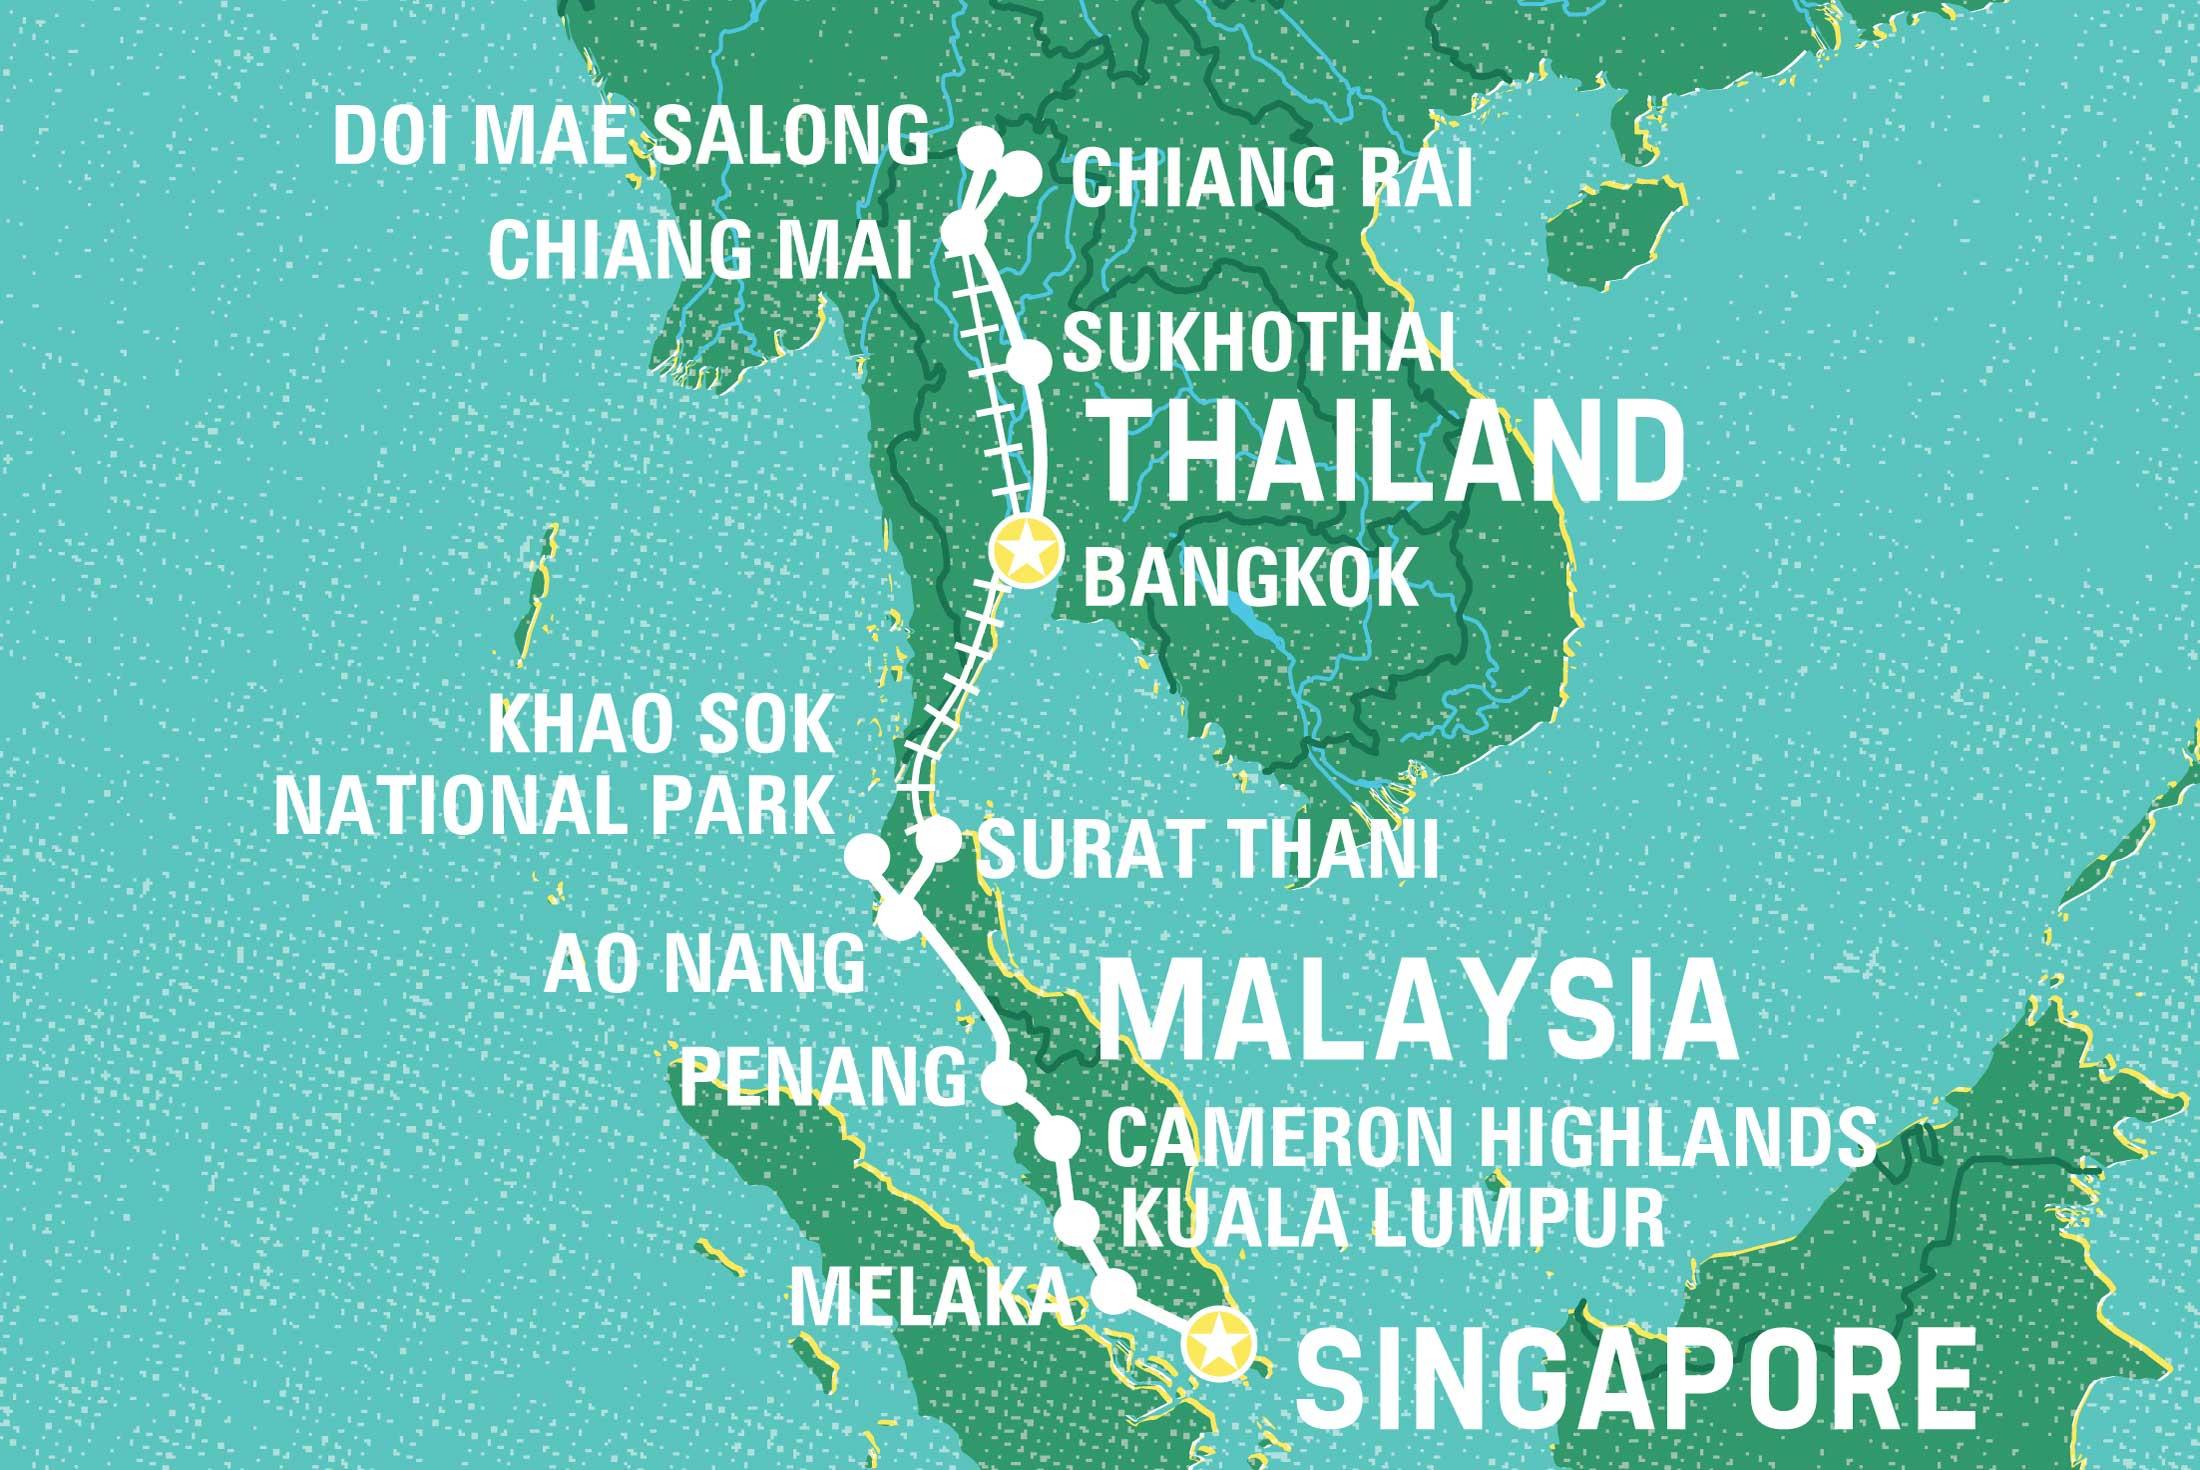 thai örnsköldsvik bromma thaimassage